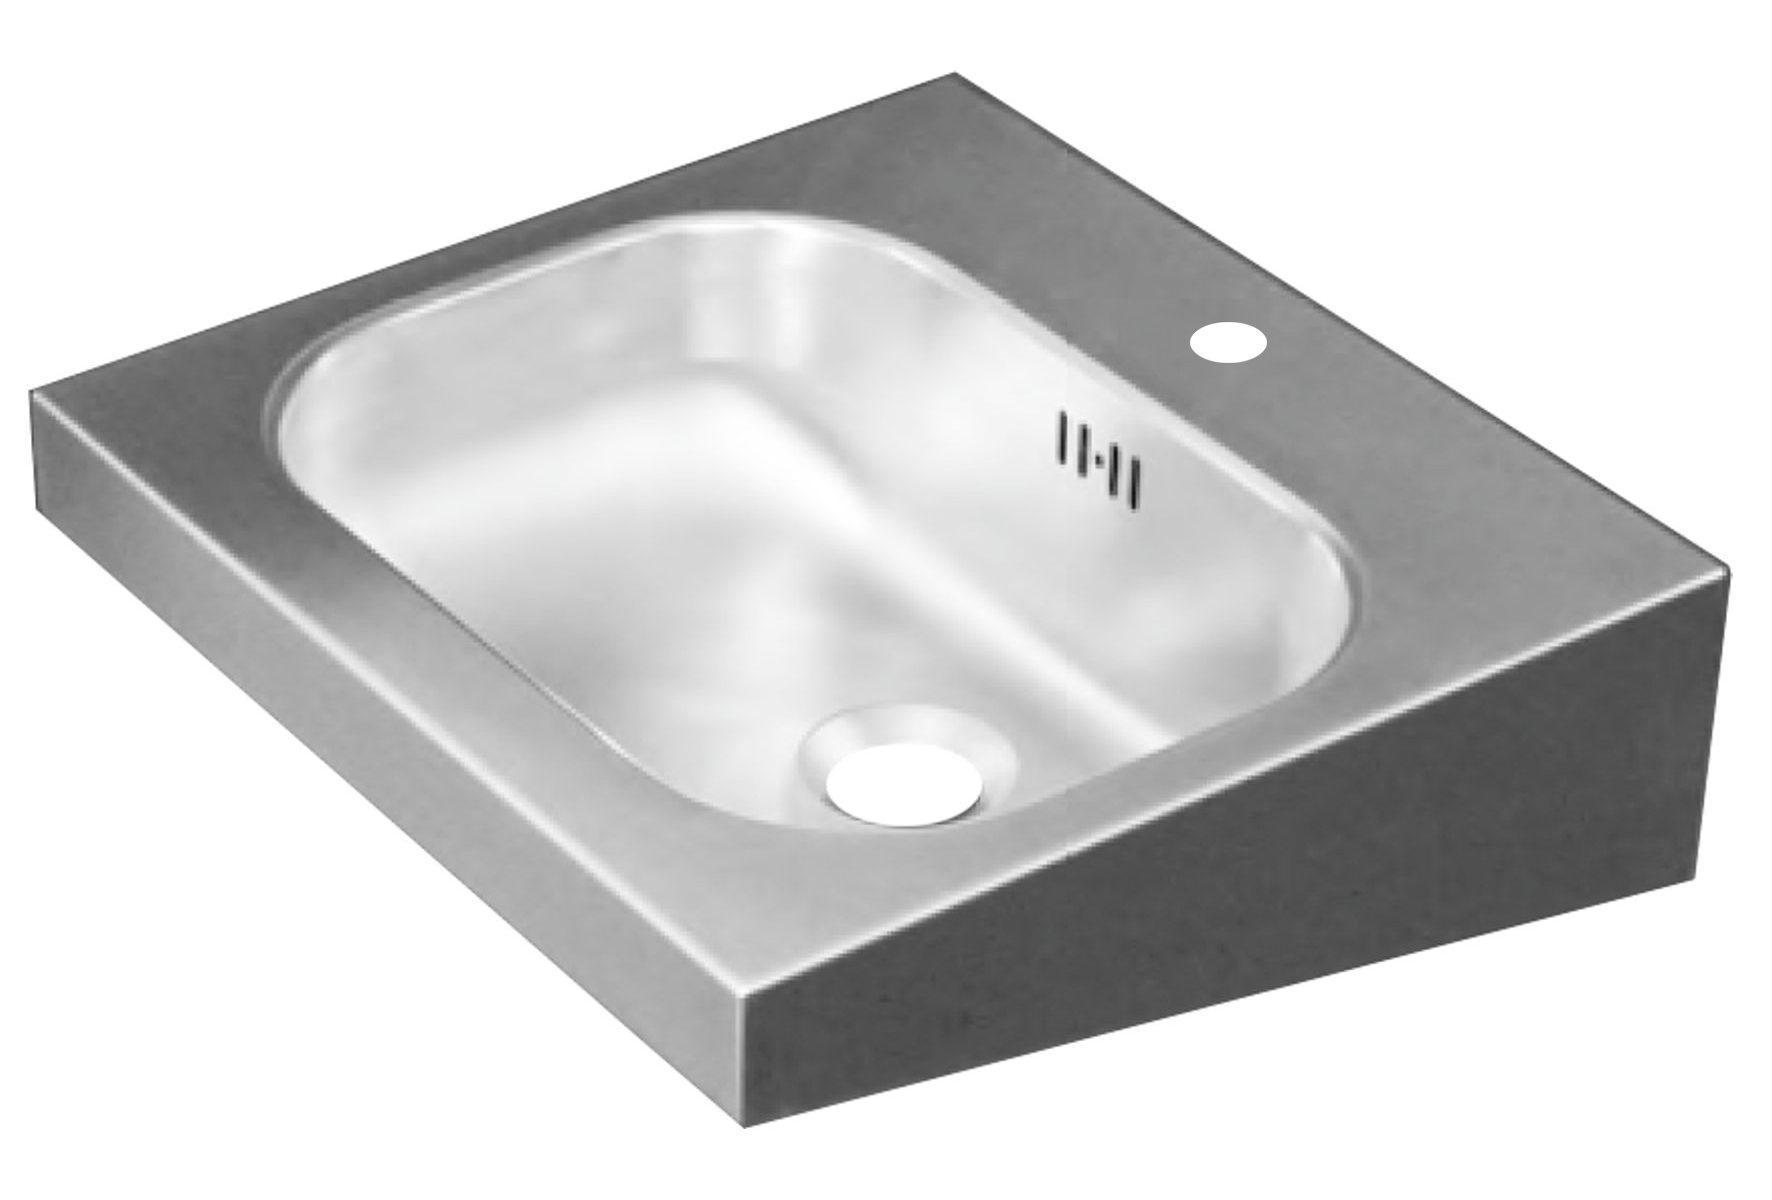 Edelstahl Waschtisch 40x38 mit Überlauf mit Hahnloch 35 mm